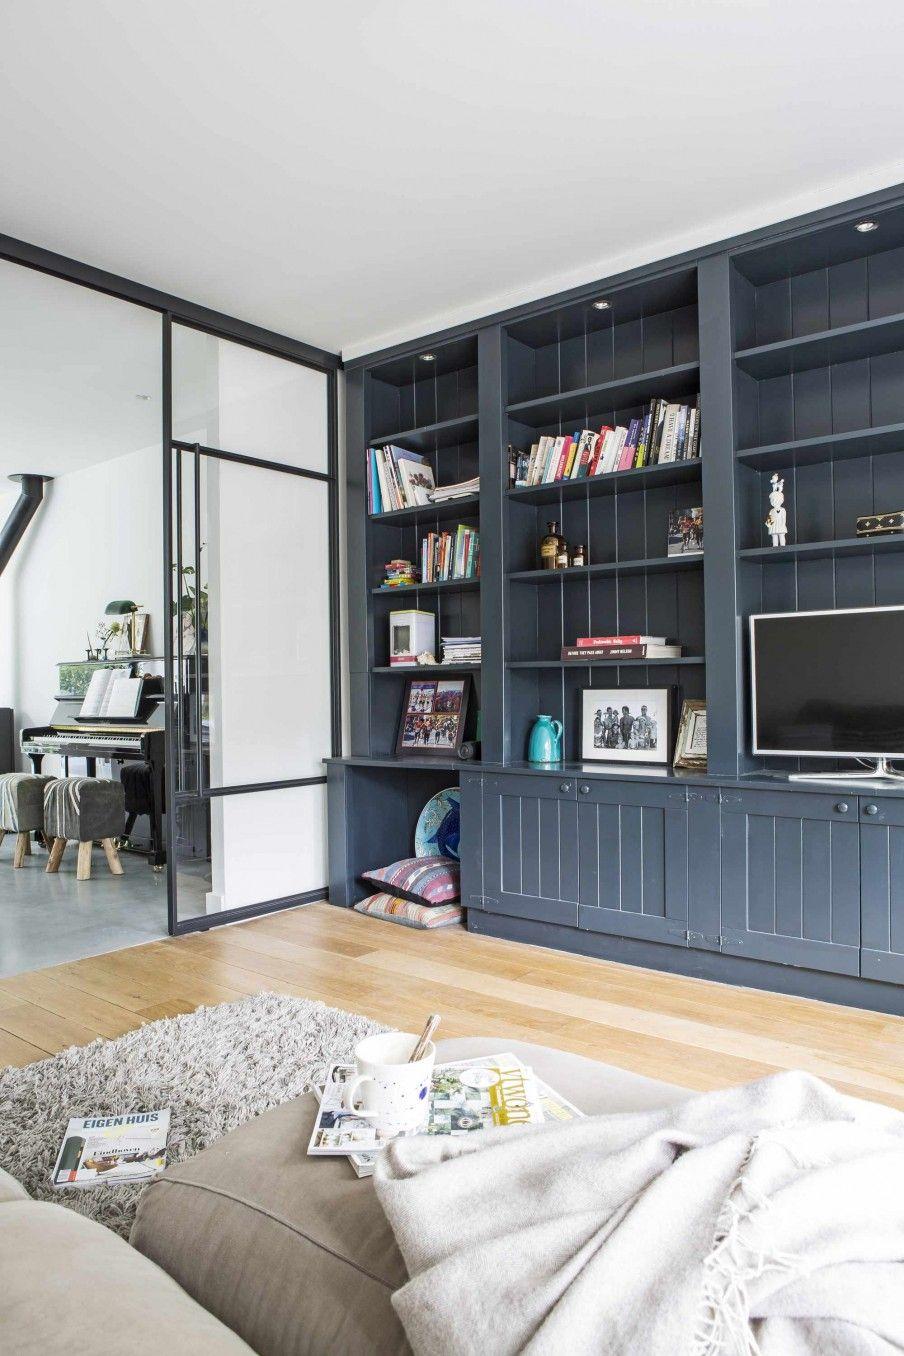 Woonkamer met houten vloer en grote boekenkast | Living room with ...